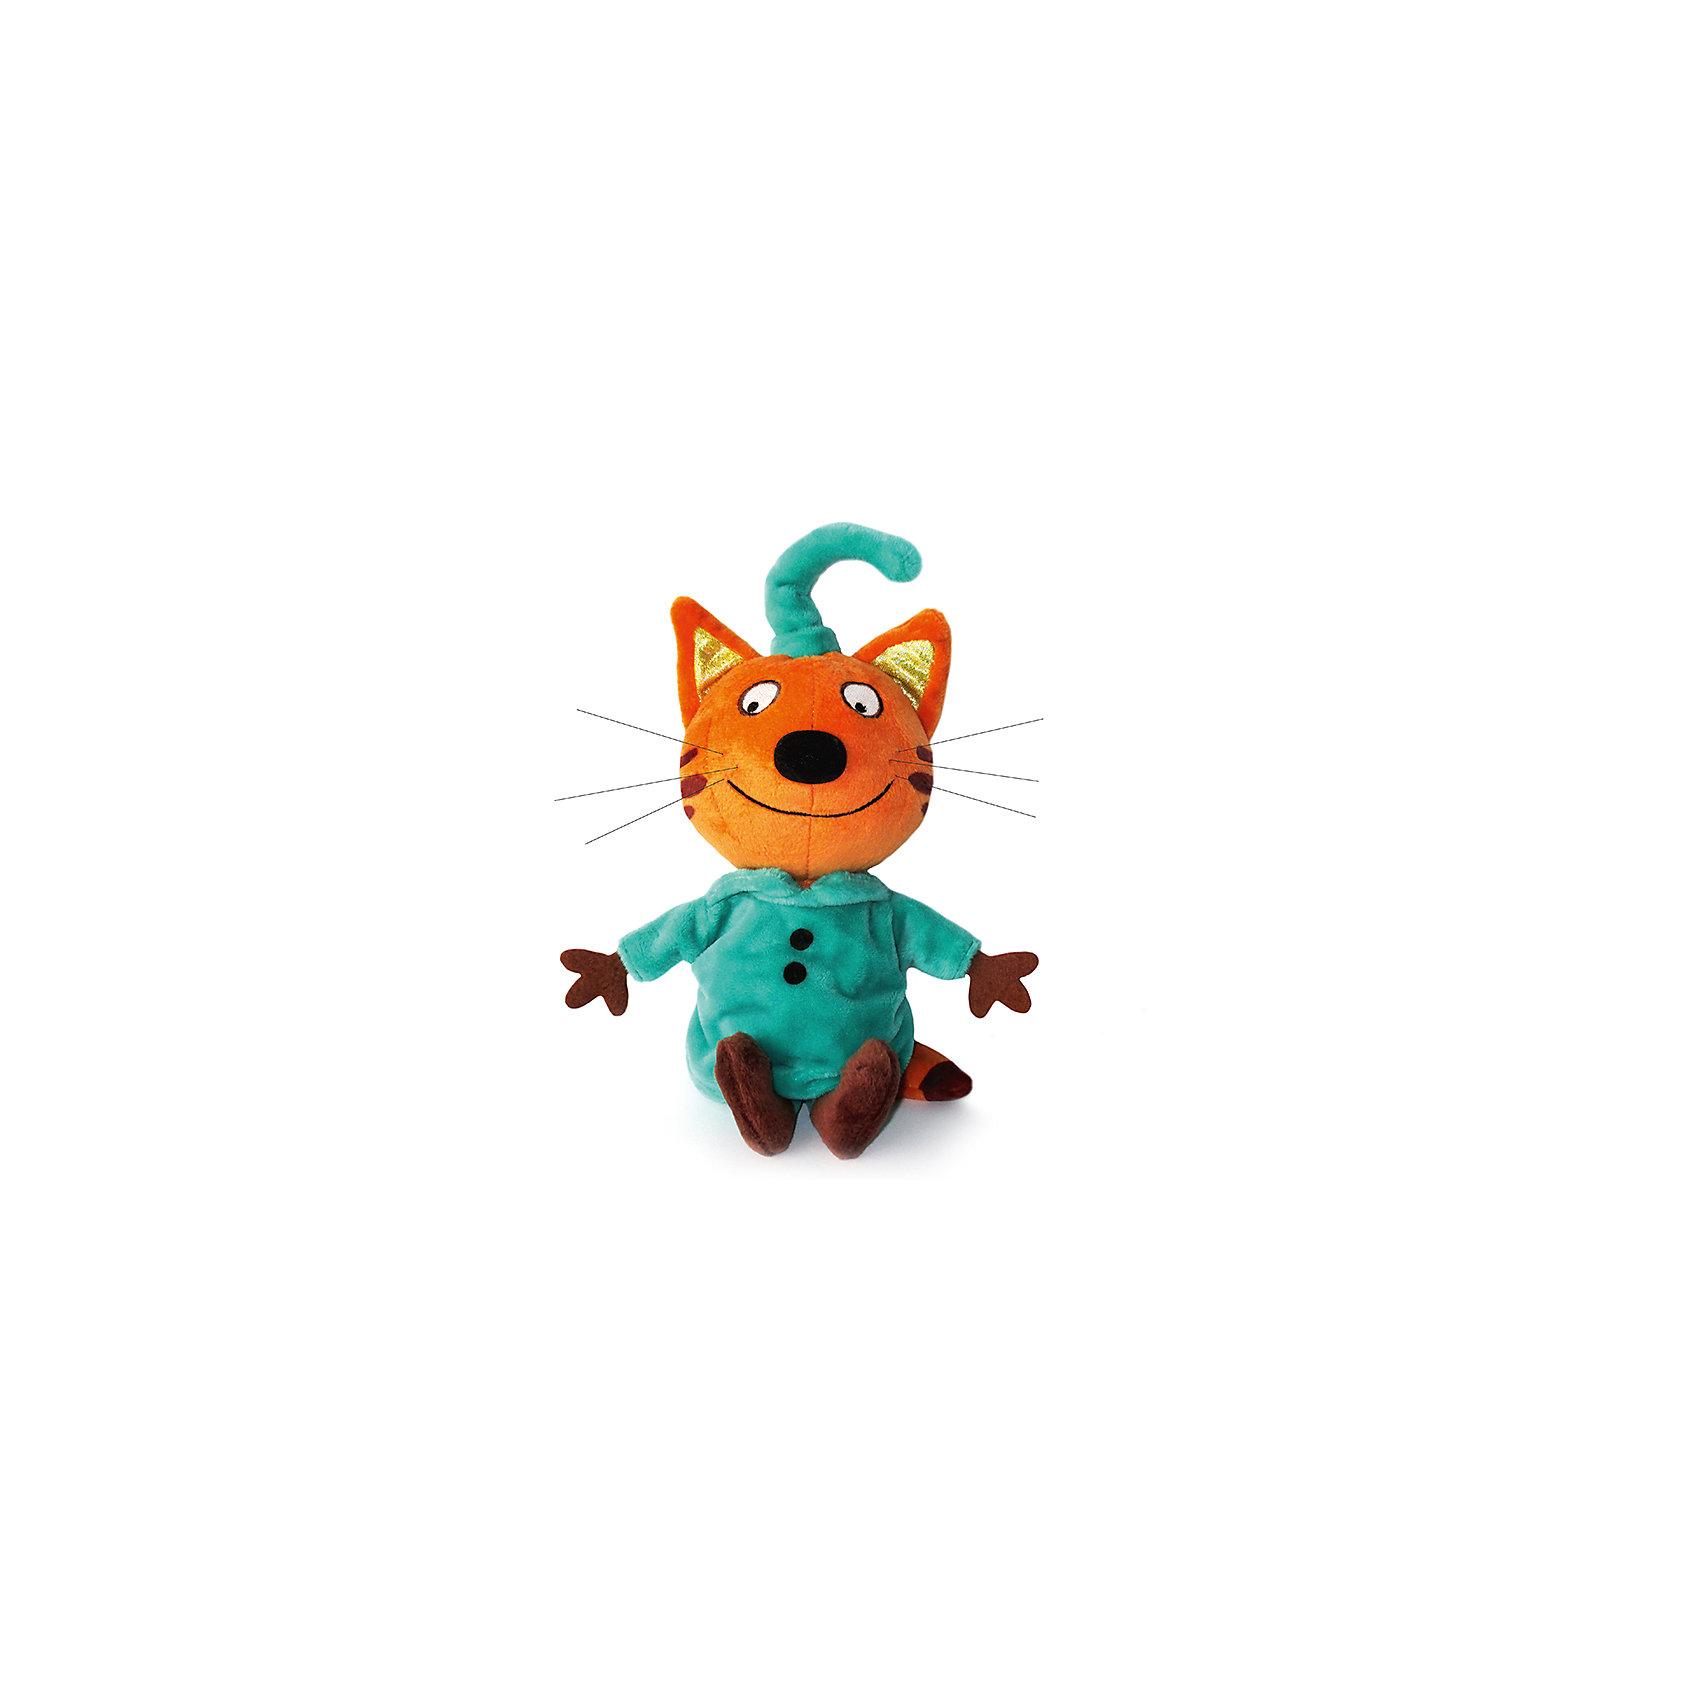 МУЛЬТИ-ПУЛЬТИ Мягкая игрушка Компот, 3 Кота, Мульти-Пульти, 16 см мульти пульти мягкая игрушка серый мышонок 23 см со звуком кот леопольд мульти пульти